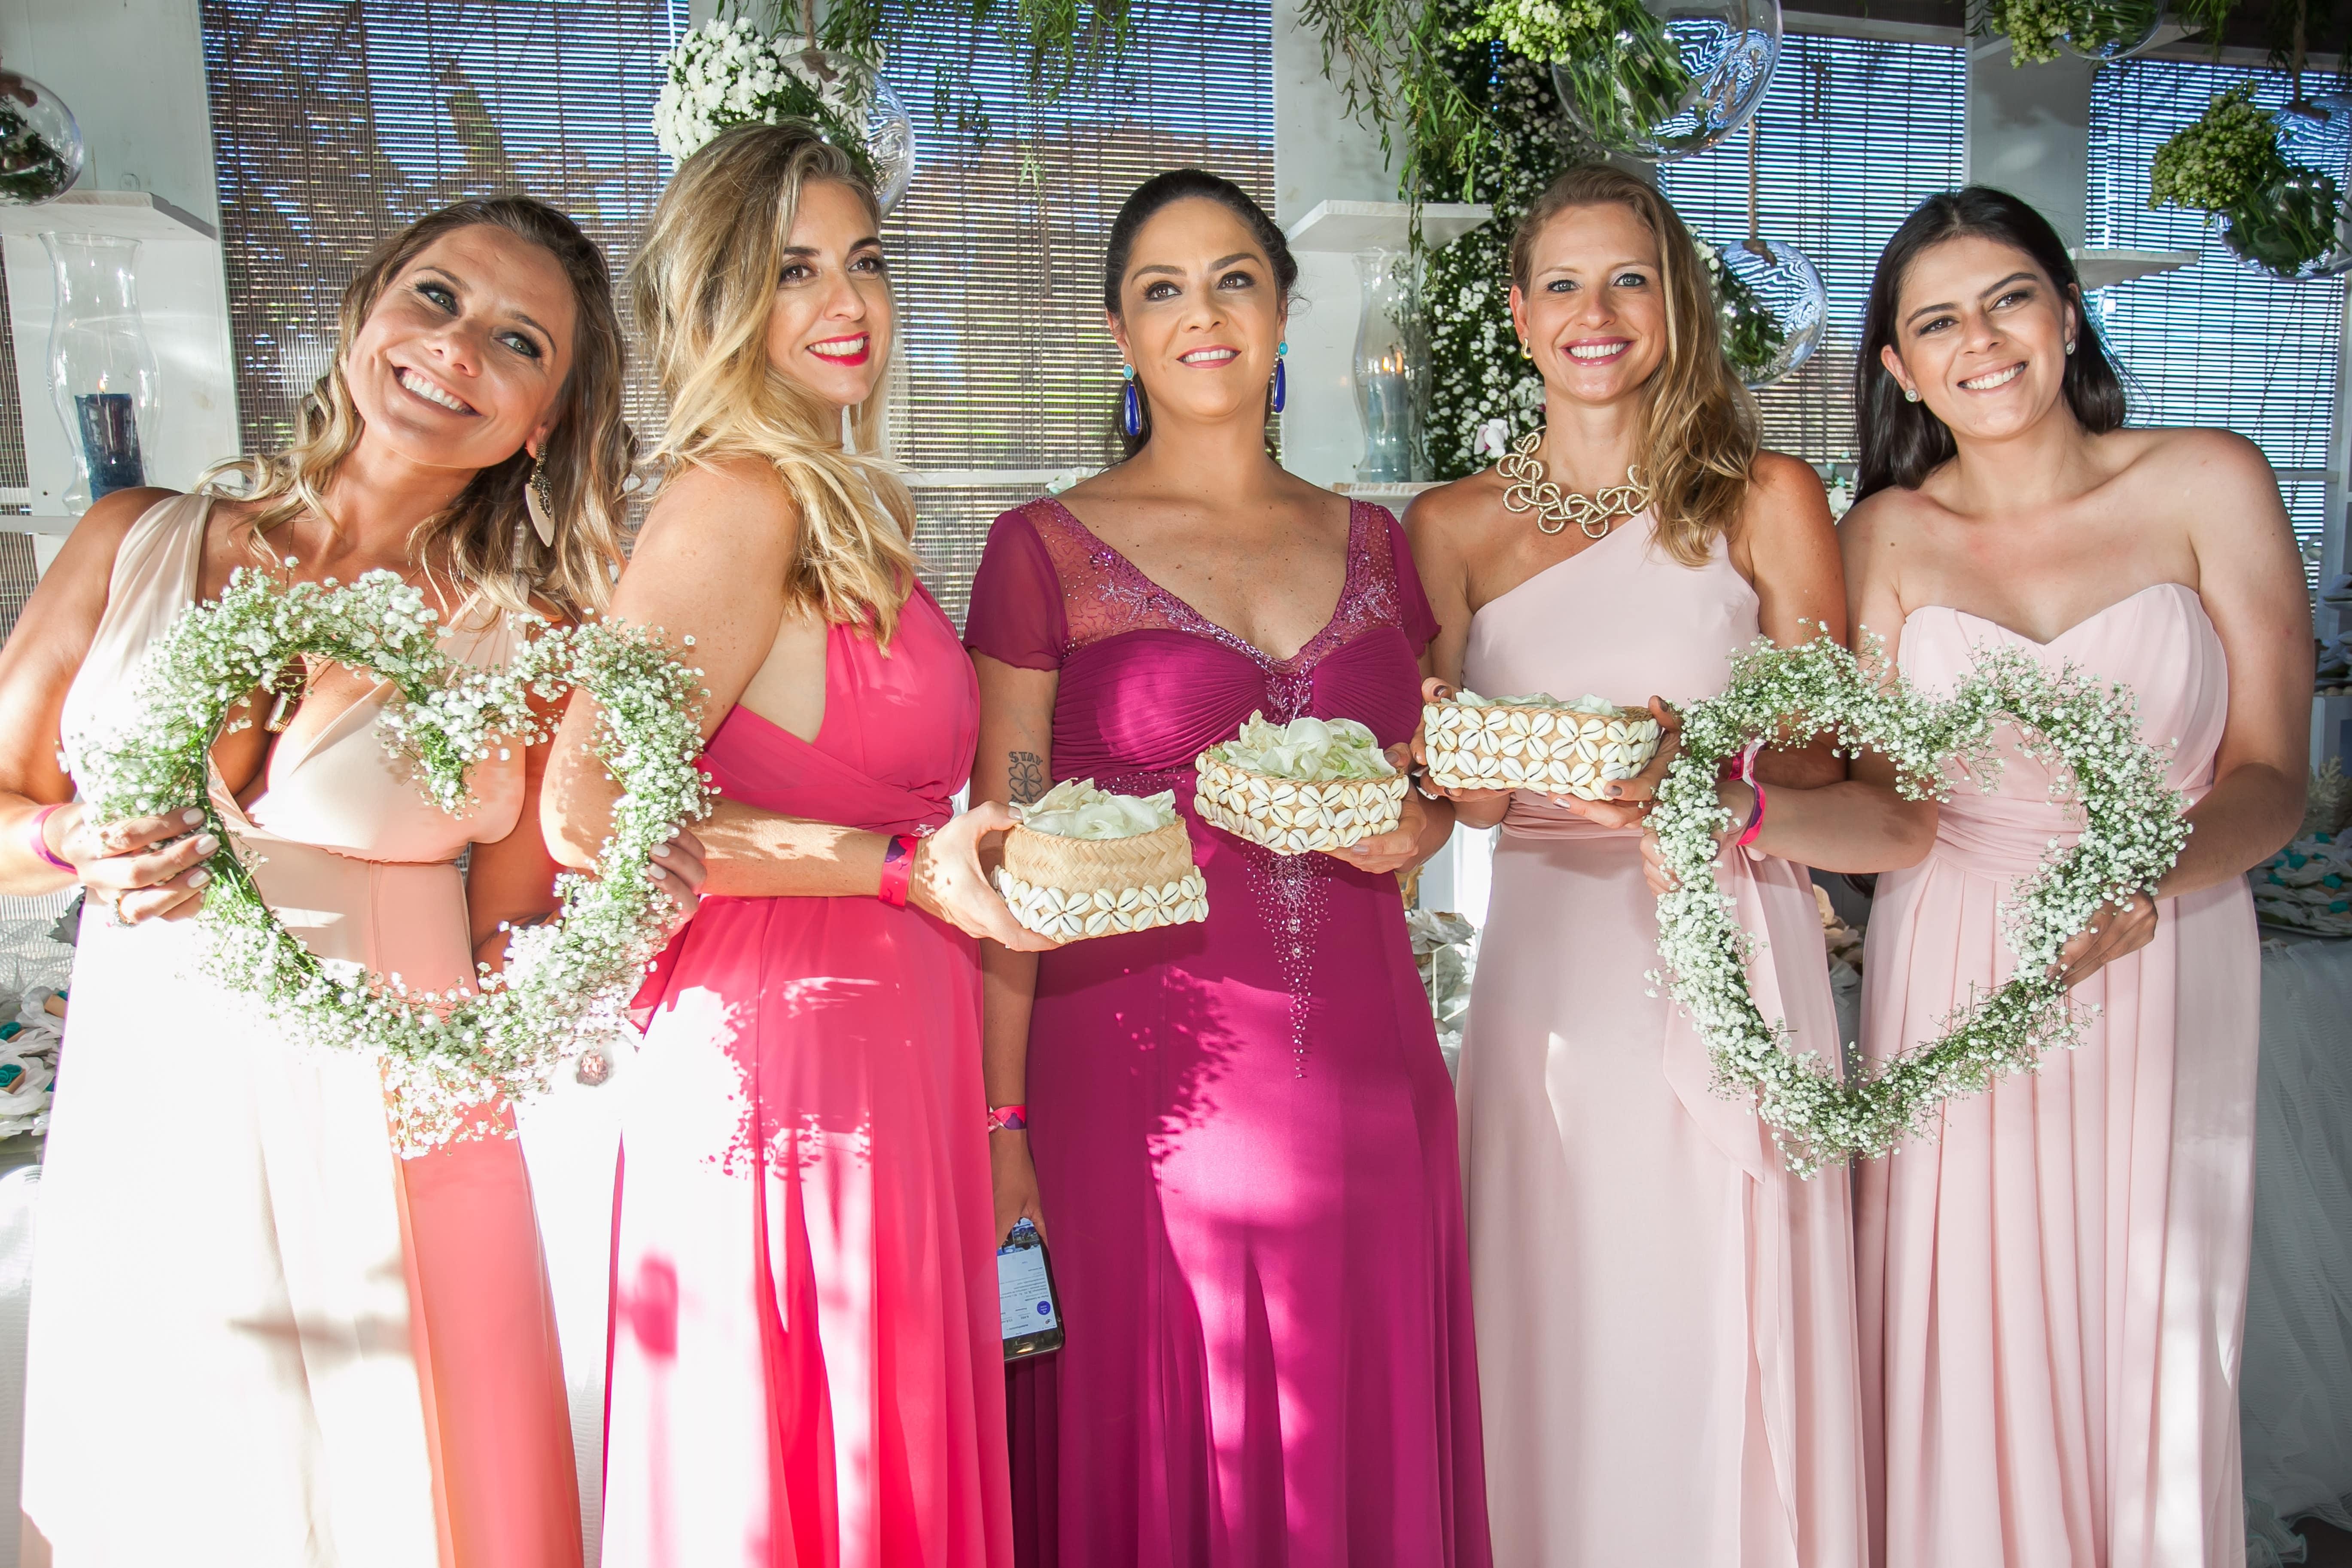 4 Paula Alvim, Renata Esbrolio, Jaqueline Sant Anna Pegoraro, Karen Jaconi e Luisa Pinto Coelho-min